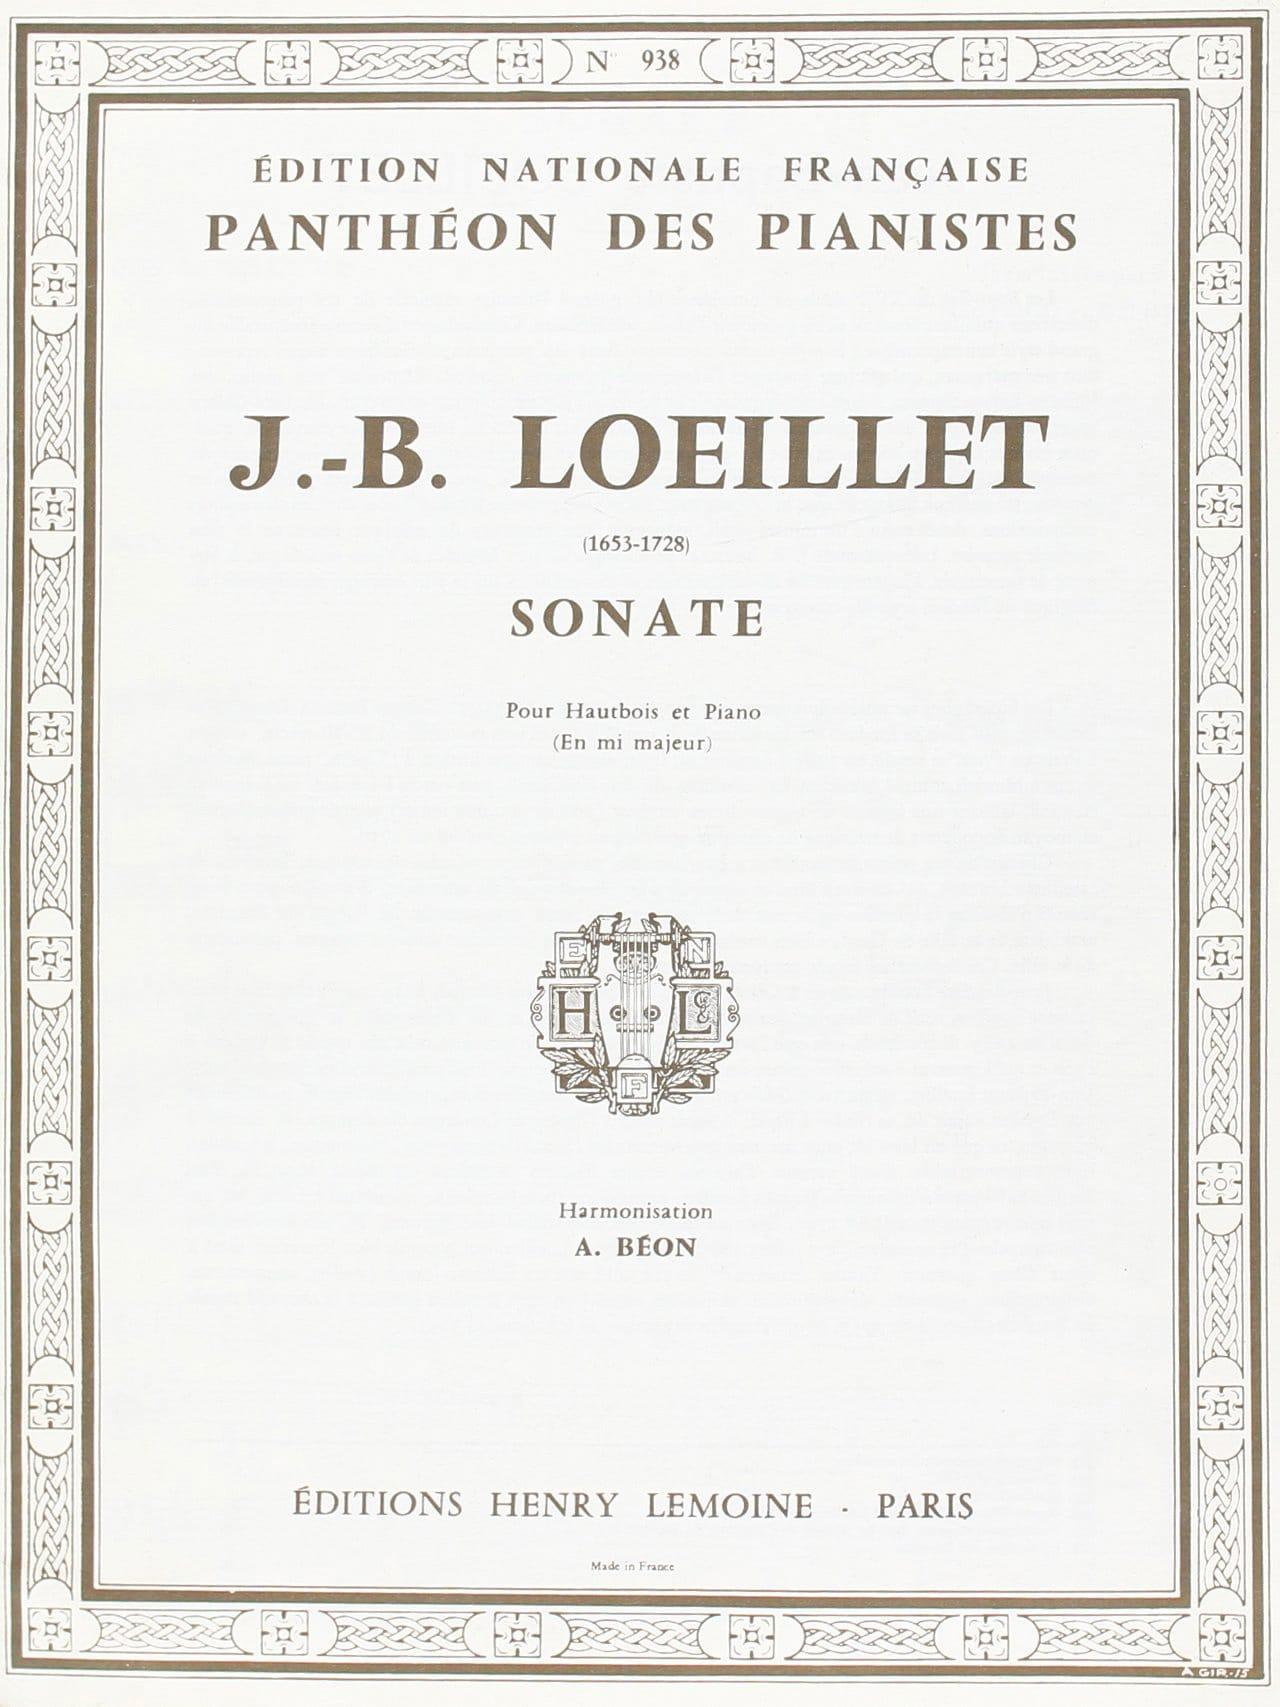 Sonate mi majeur - Hautbois - LOEILLET - Partition - laflutedepan.com